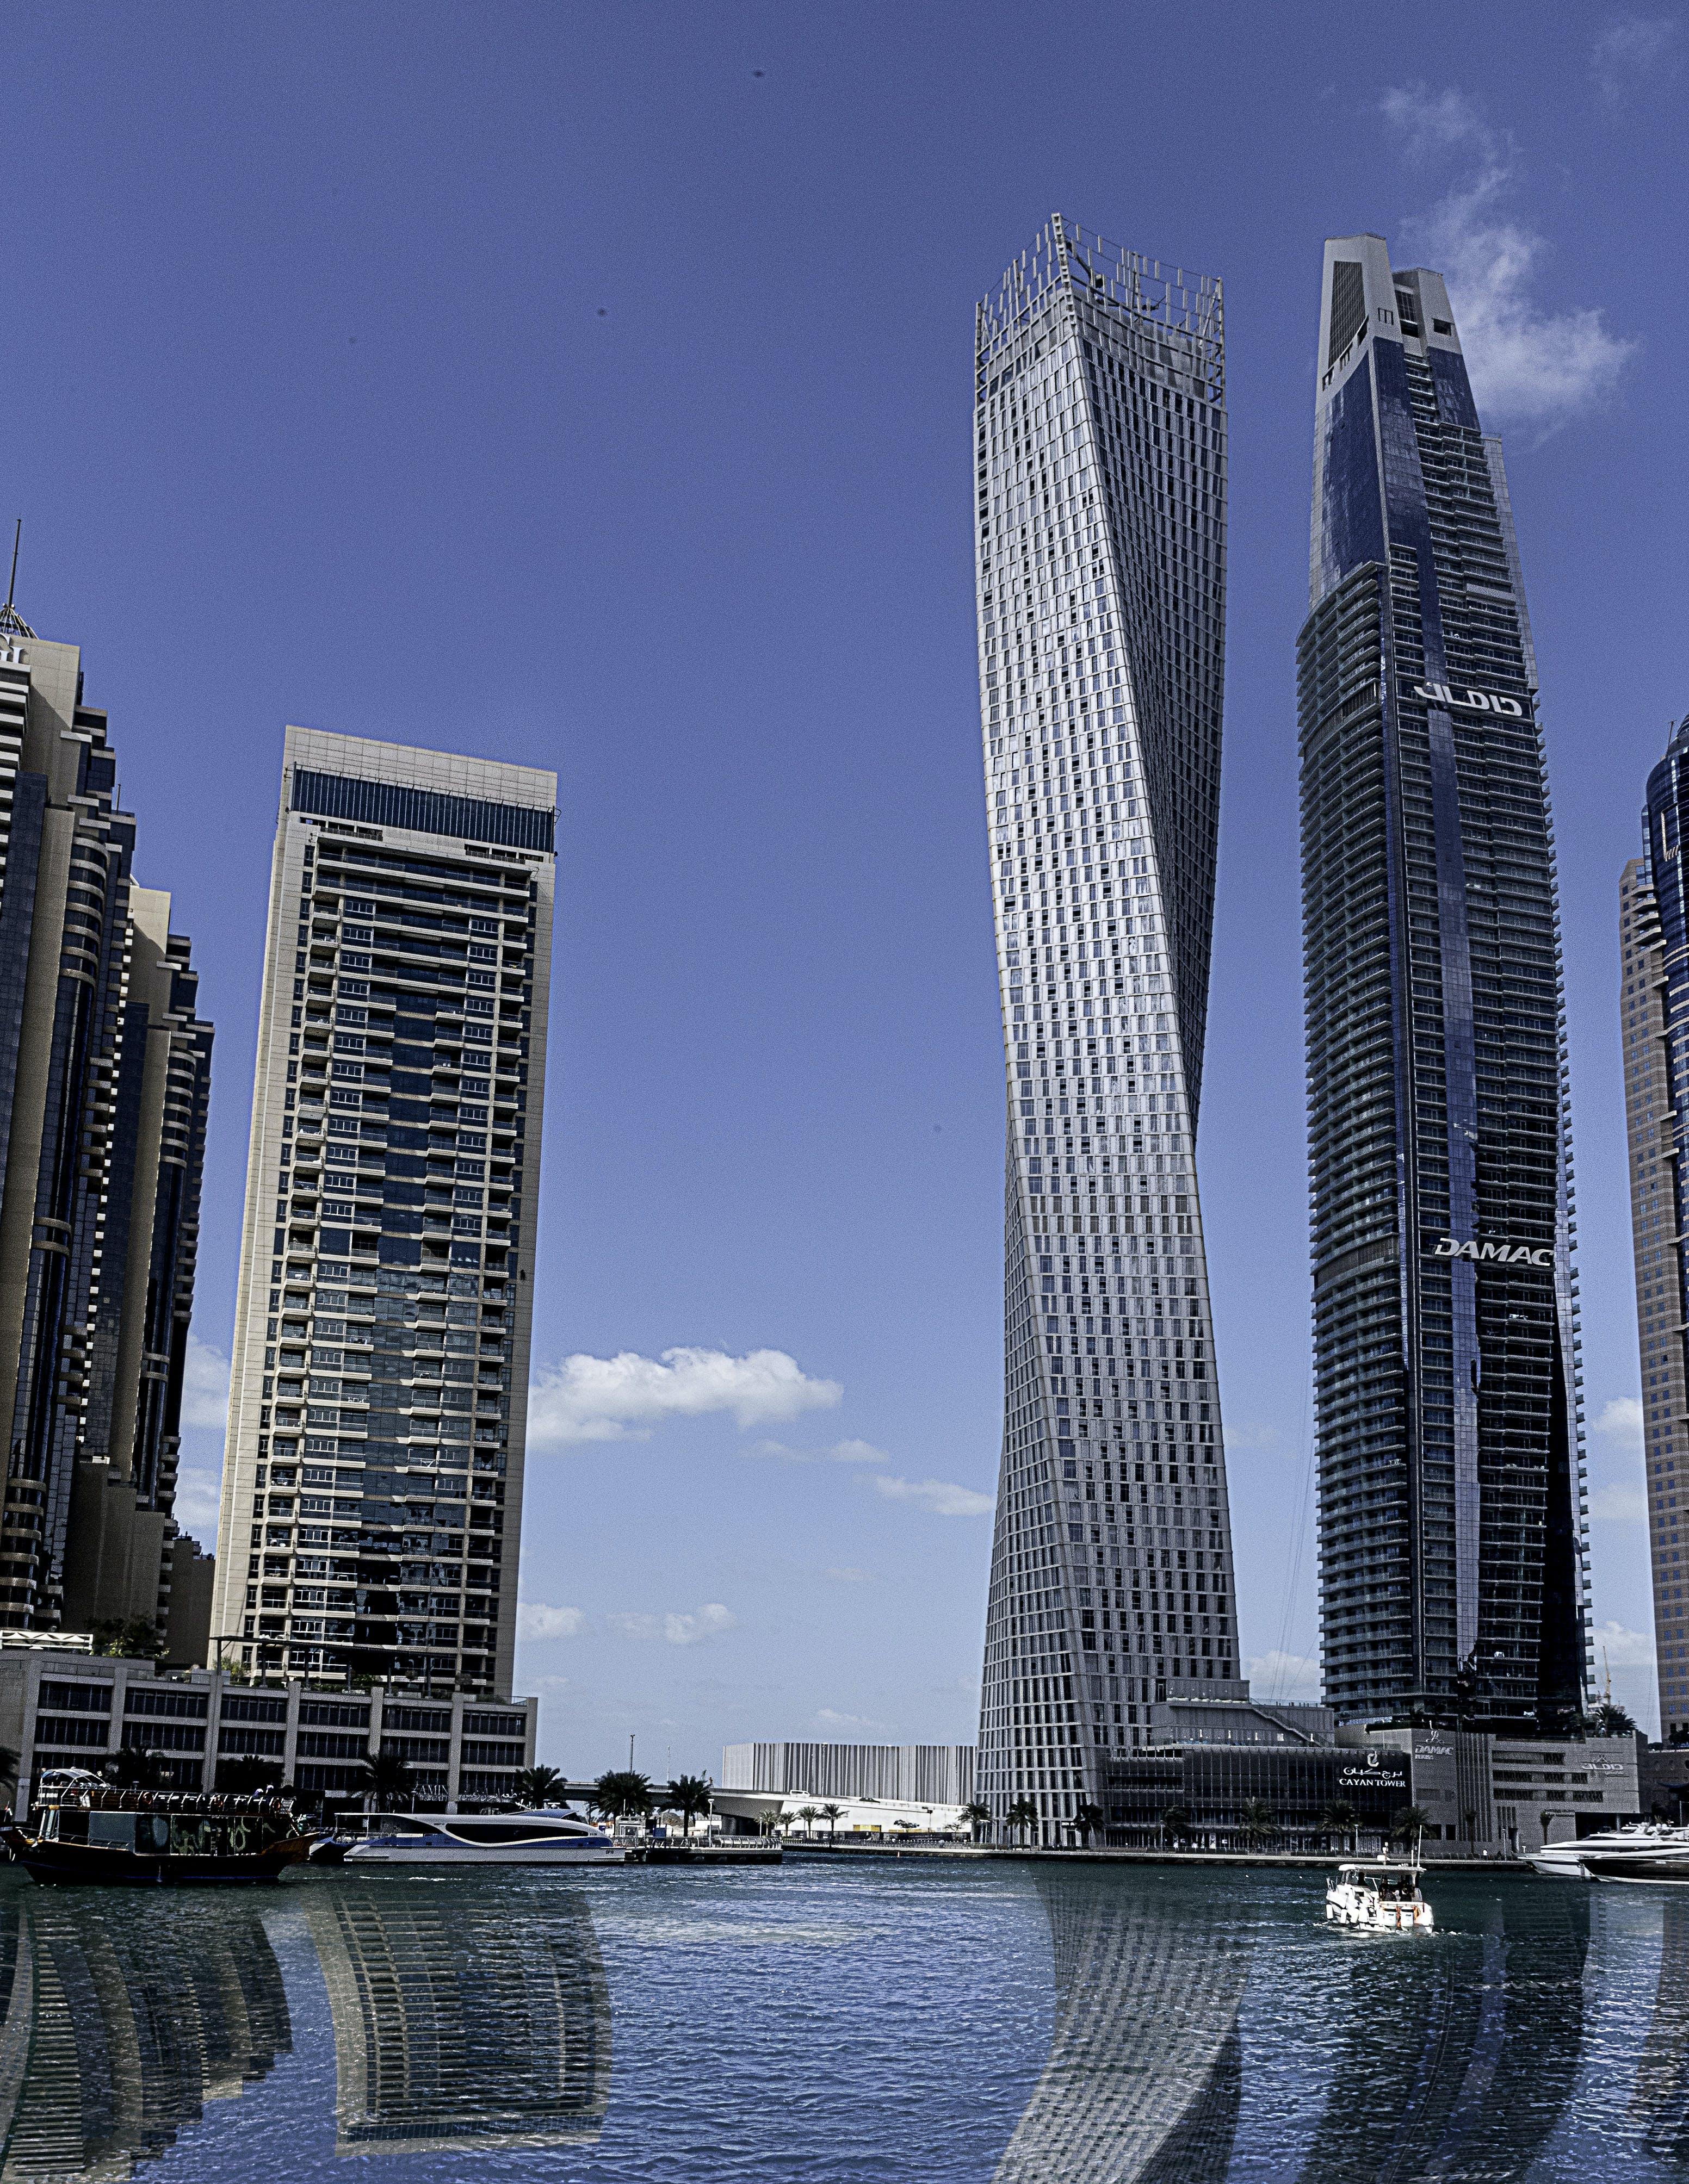 Free stock photo of Dubai Marina, light reflections, sea